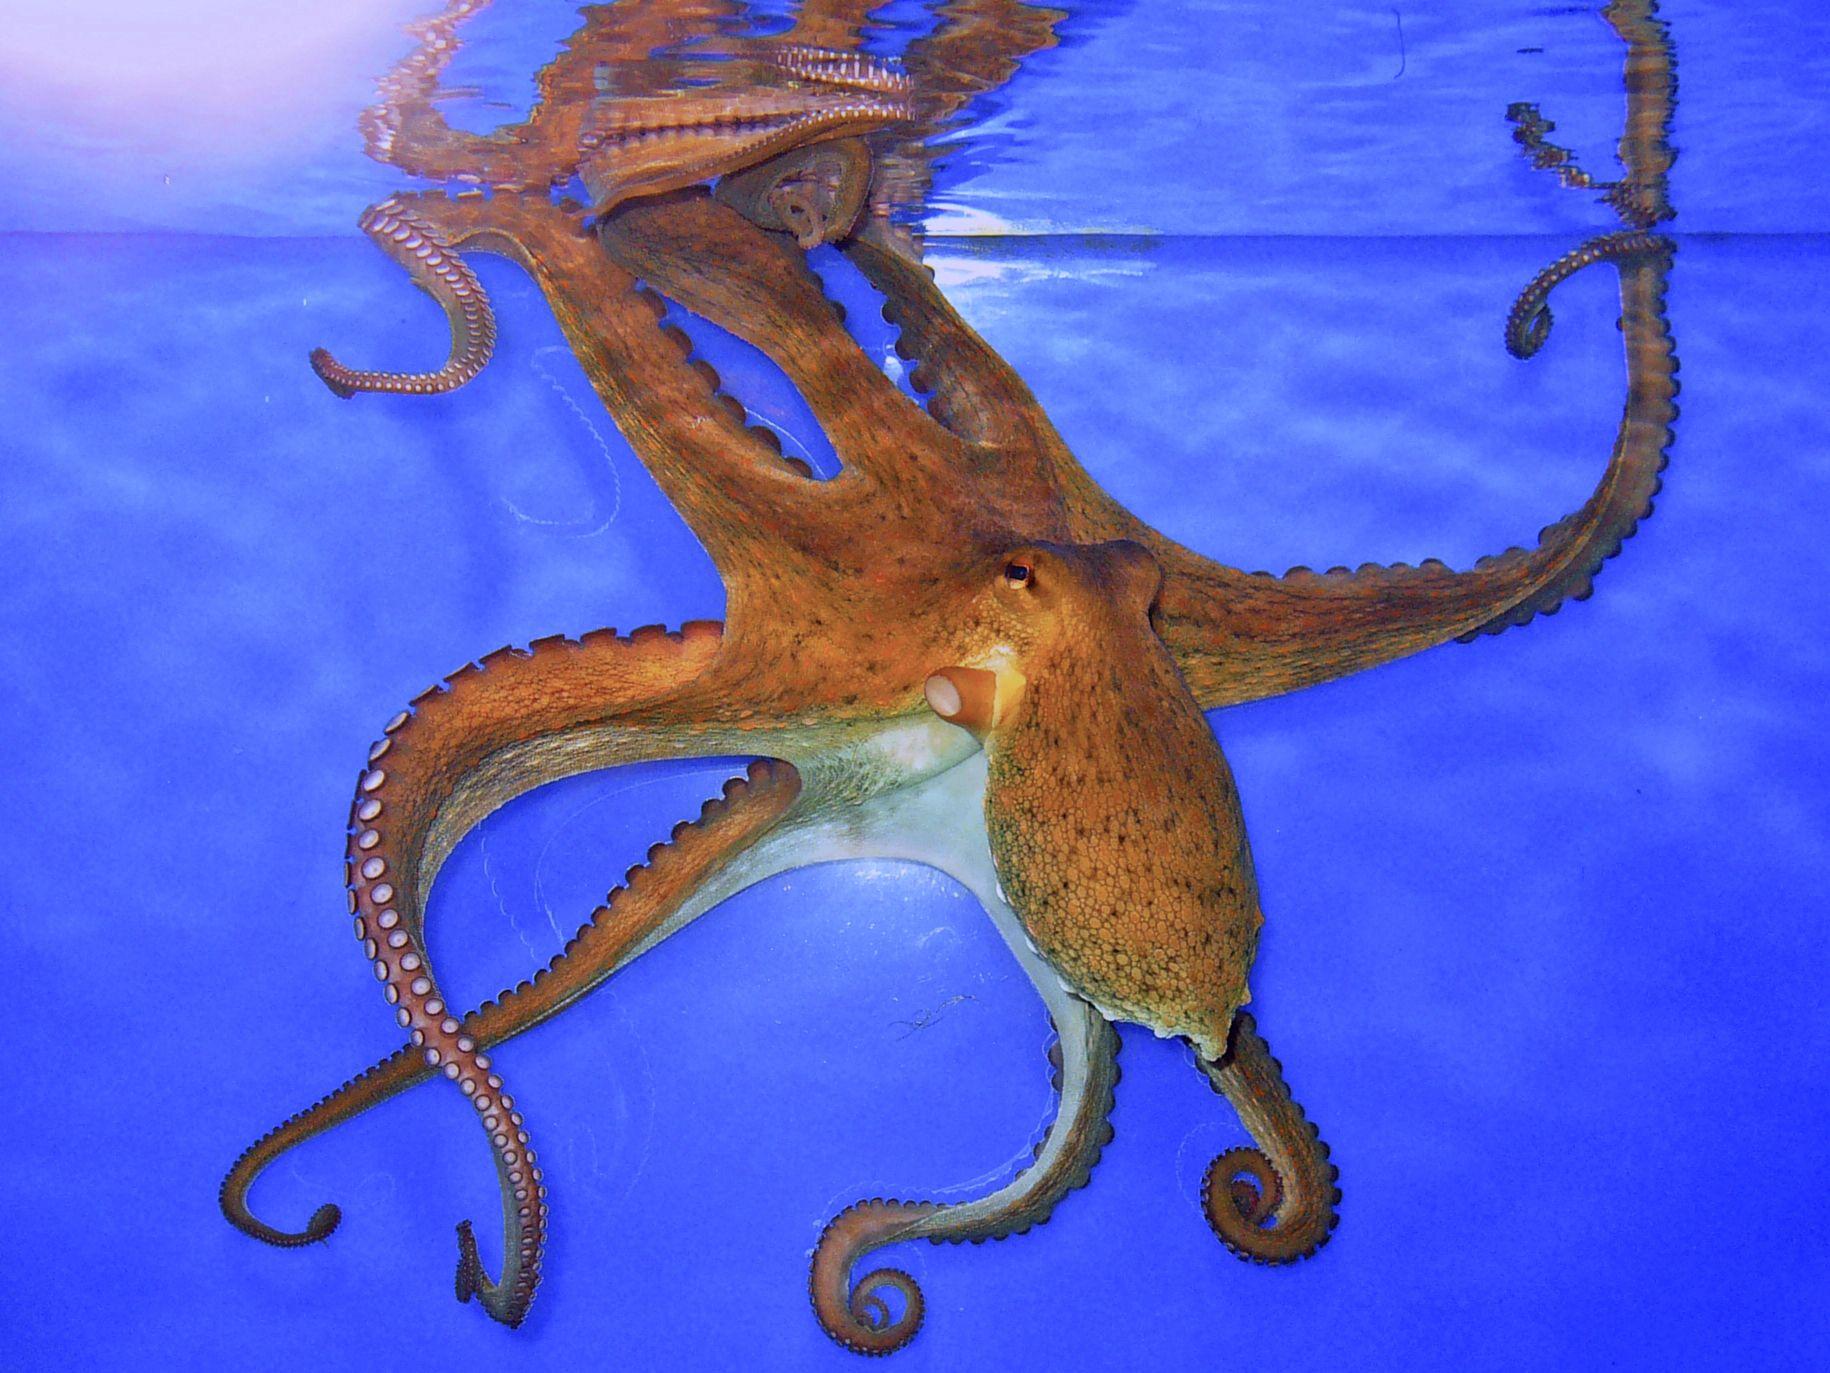 Le séquençage des pieuvres découvert et surprise, ils ont 10,000 gènes de plus que les humains